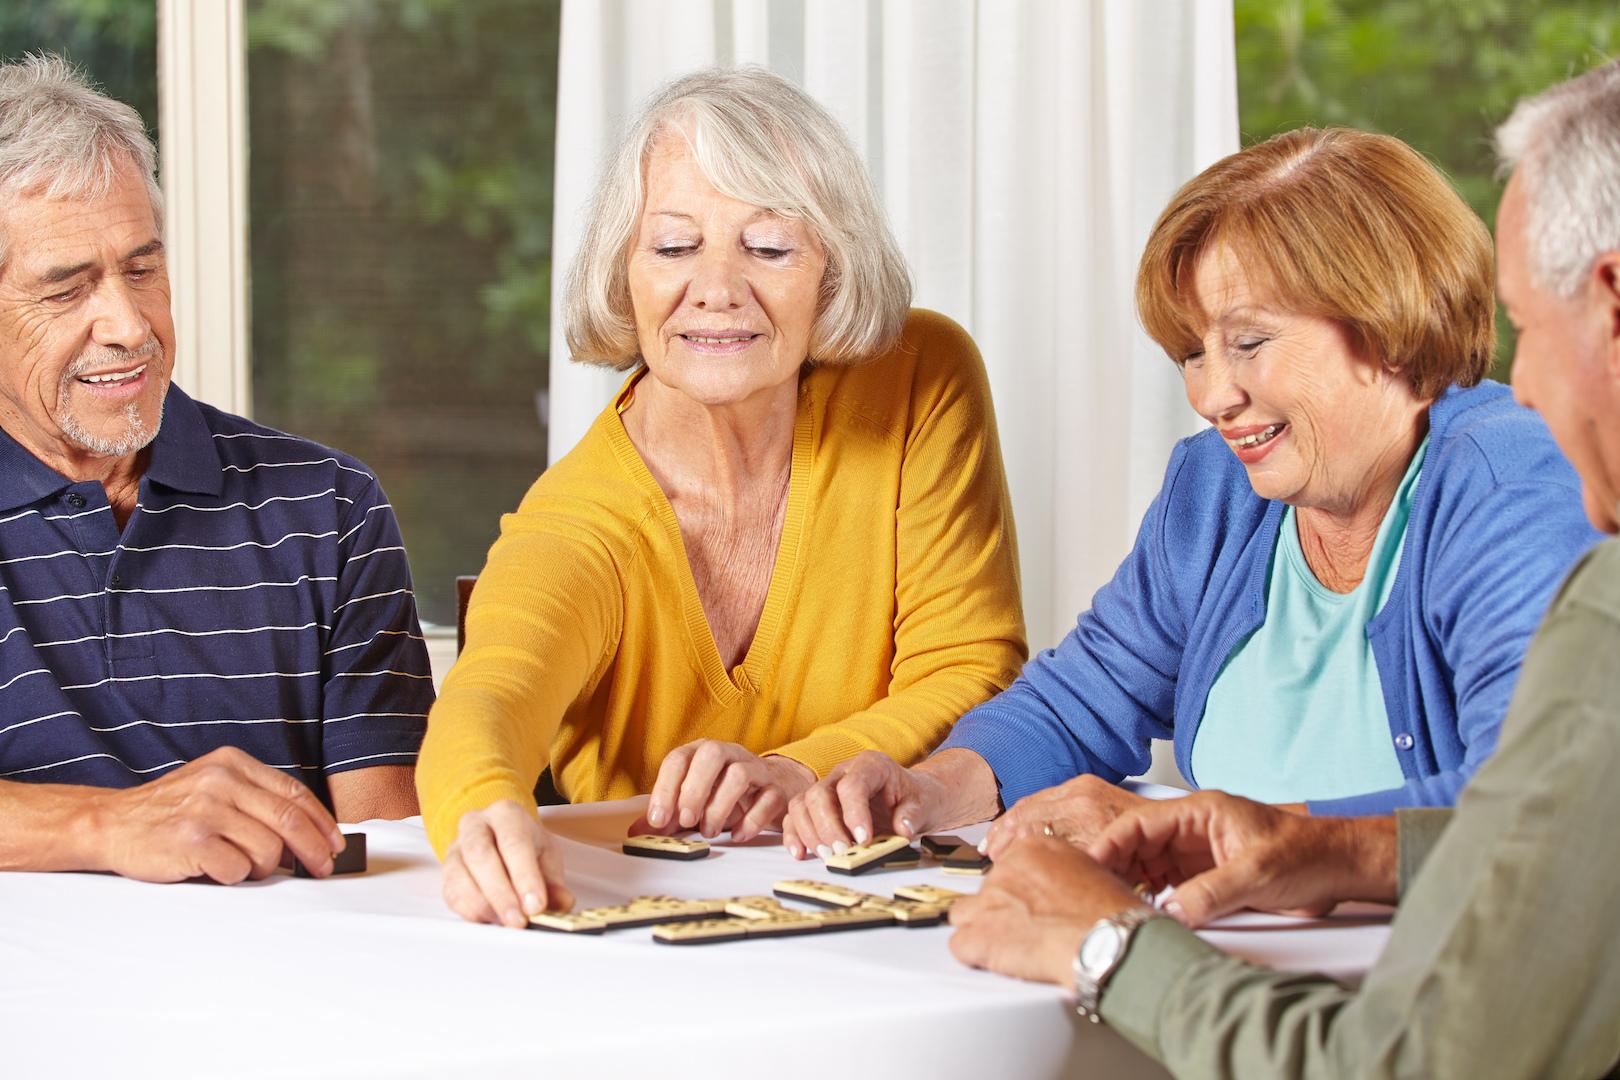 Пенсионеры спешат переоформить квартиры на родственников. В чем причина?